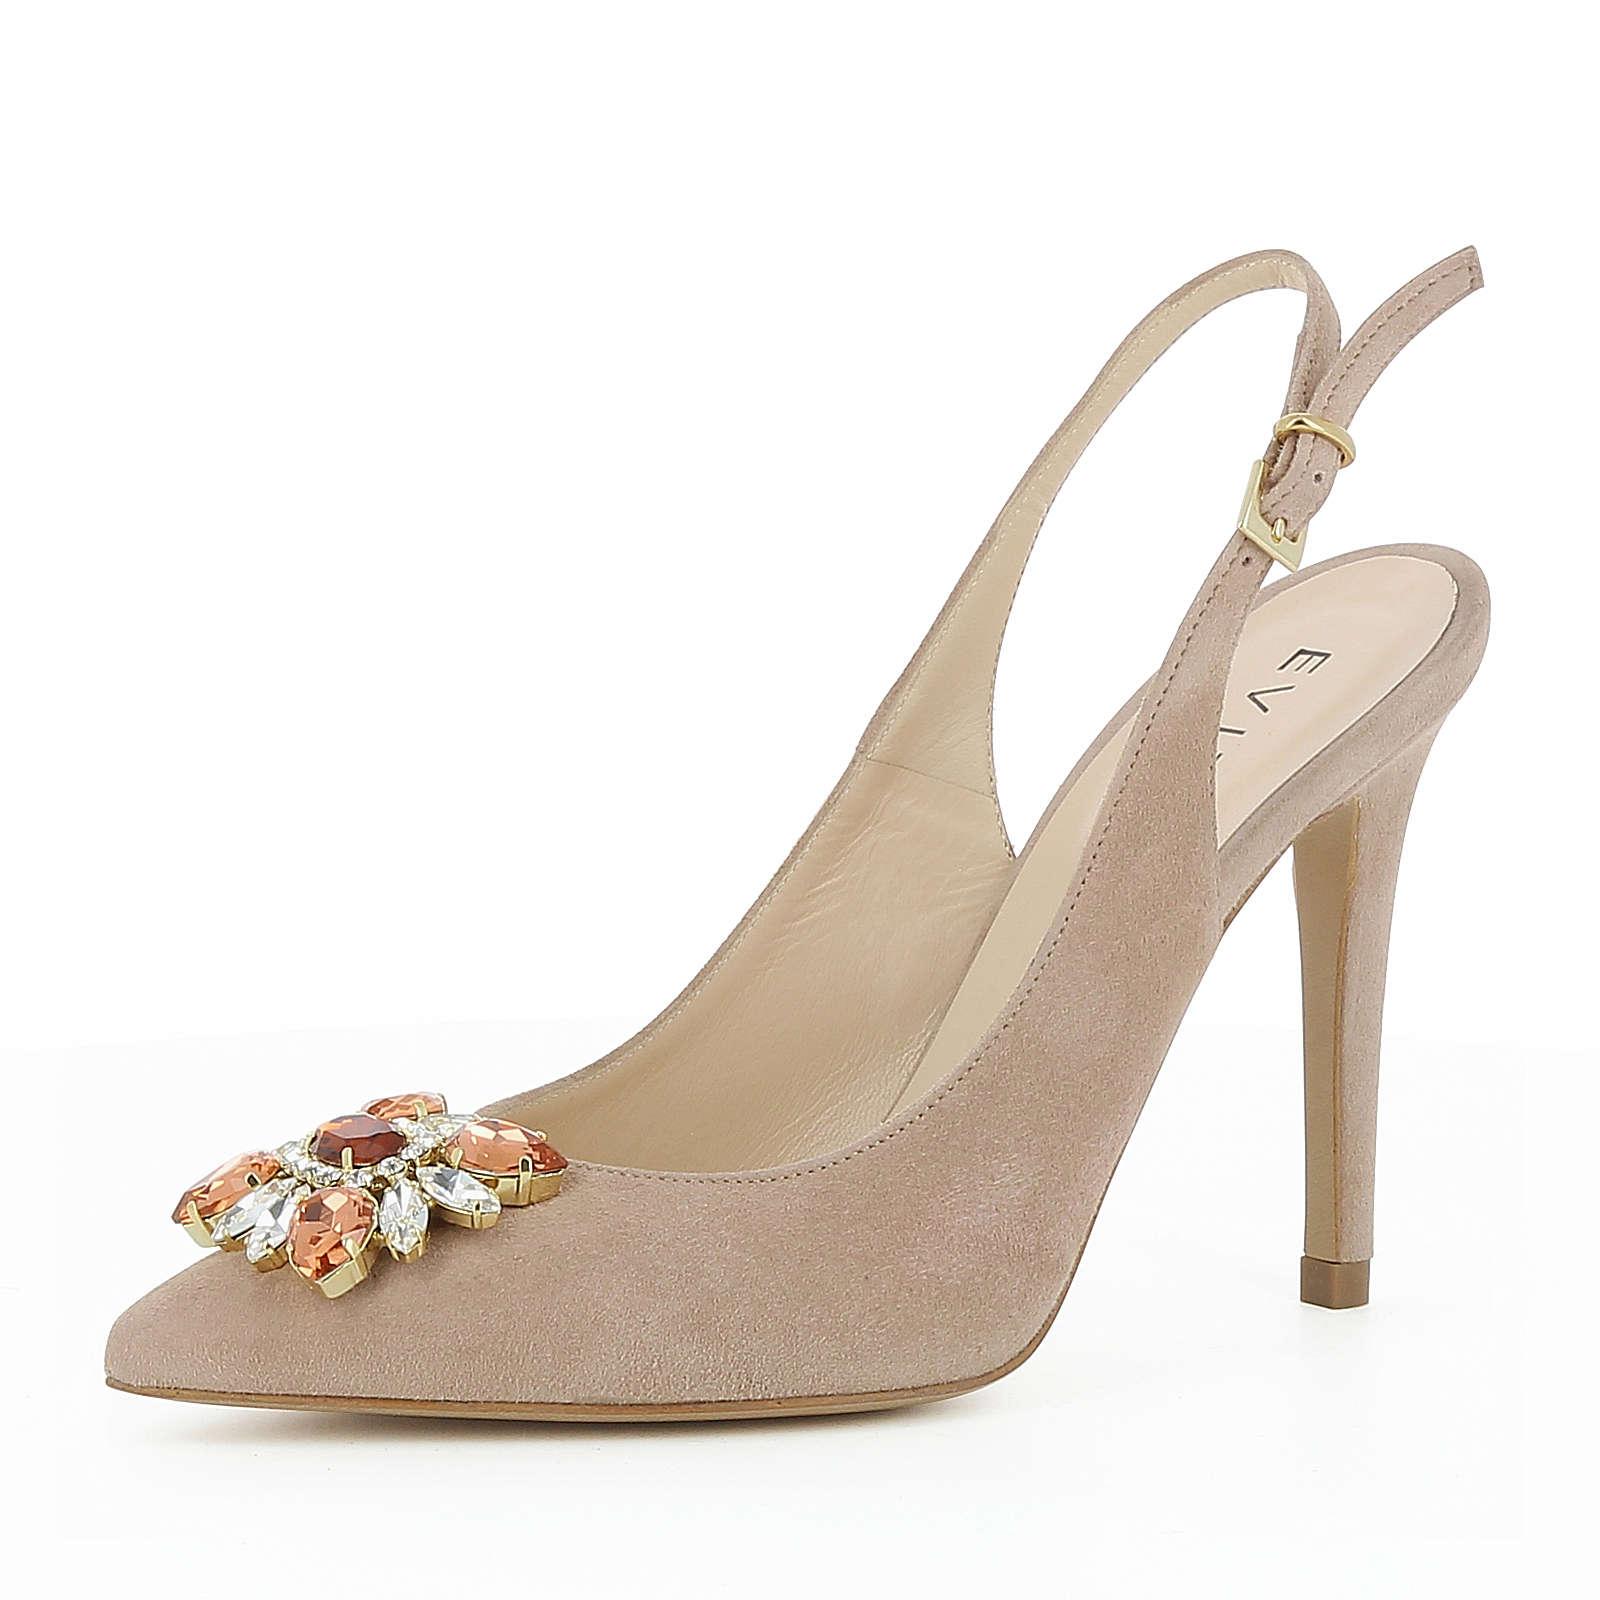 Evita Shoes Damen Sling Pumps ALINA Sling-Pumps altrosa Damen Gr. 34